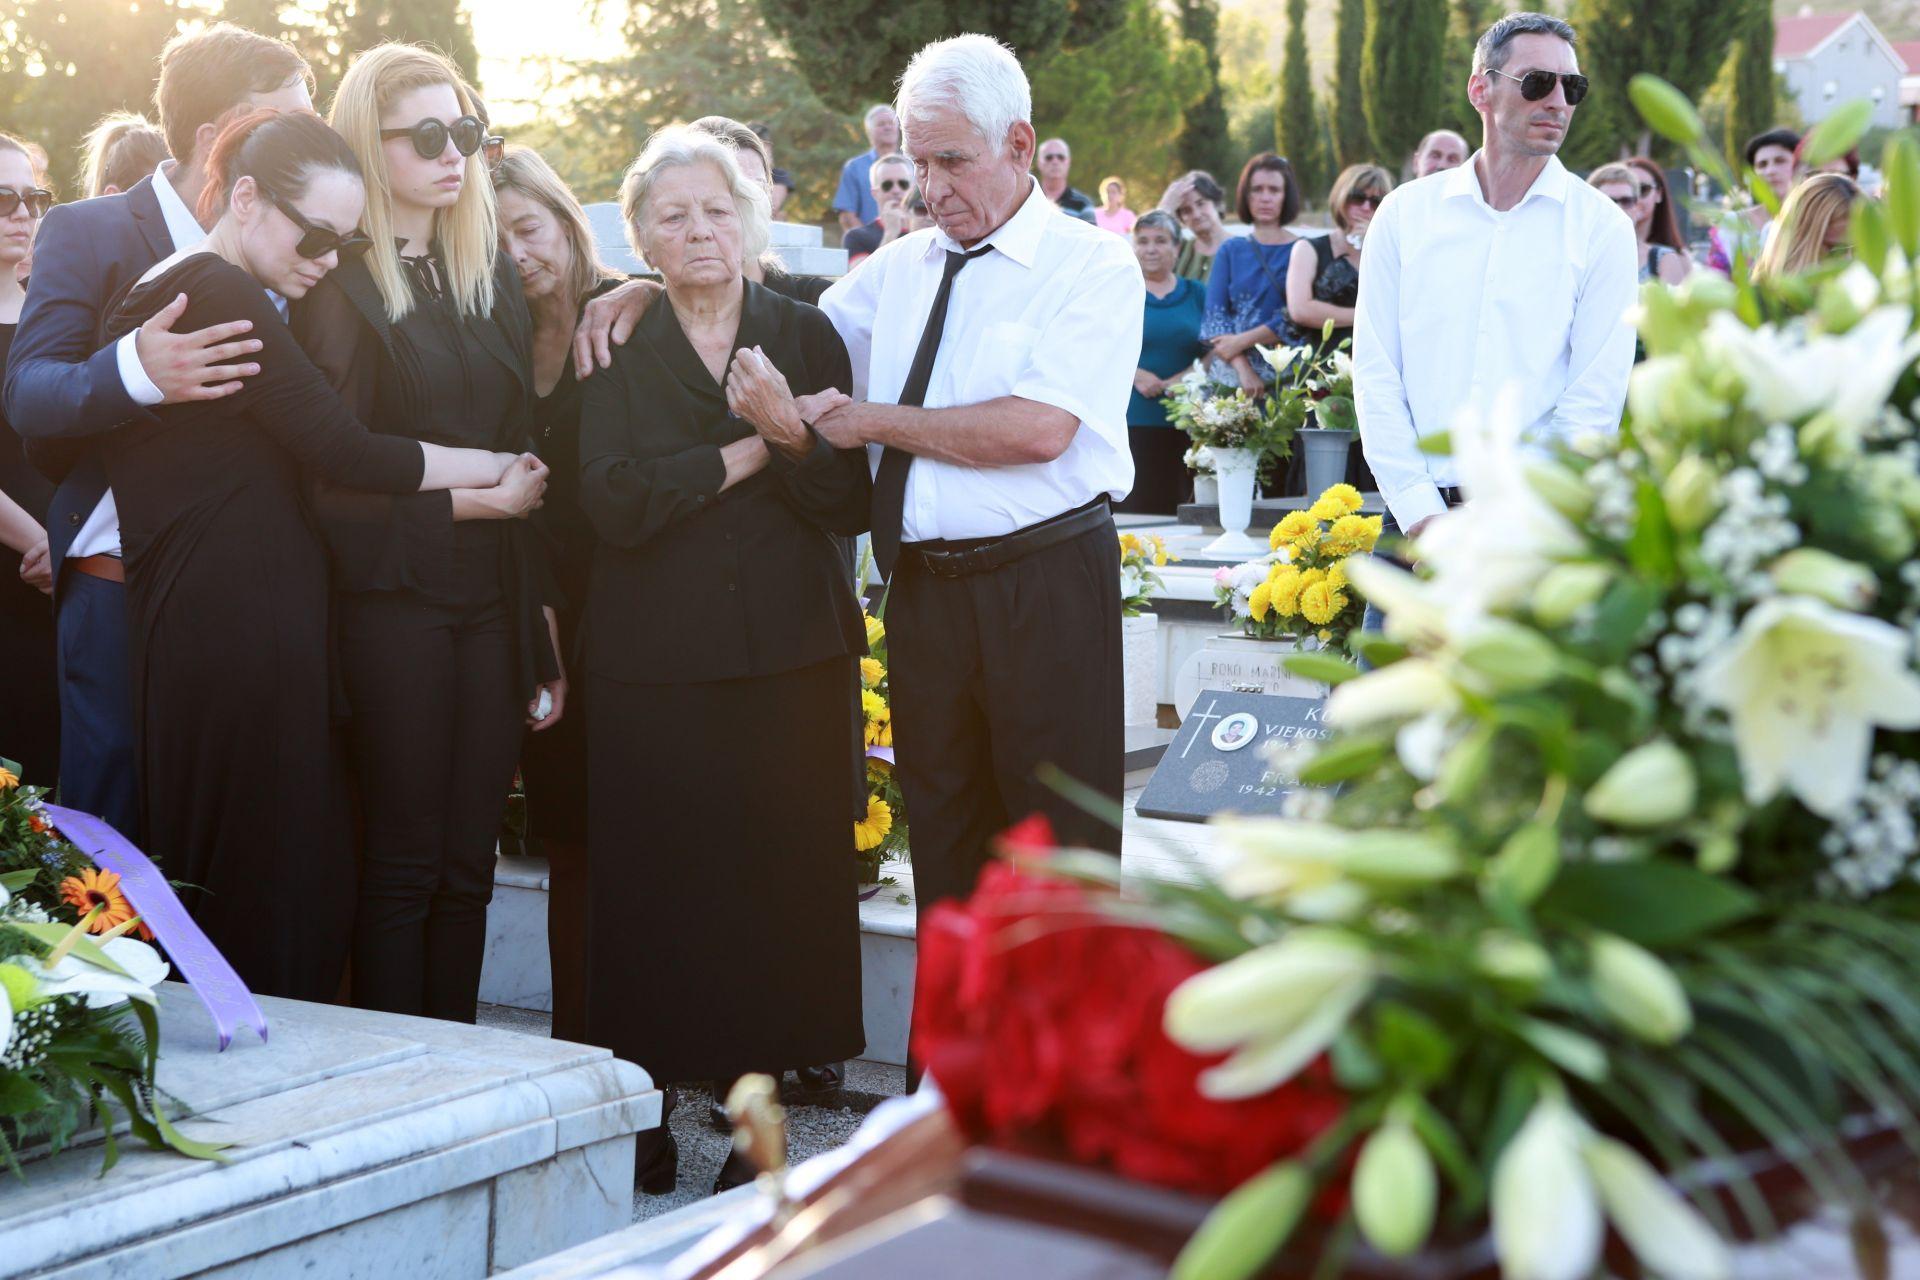 POSLJEDNJI ISPRAĆAJ SINIŠE SVILANA: U Trogiru sahranjen poznati televizijski novinar i urednik